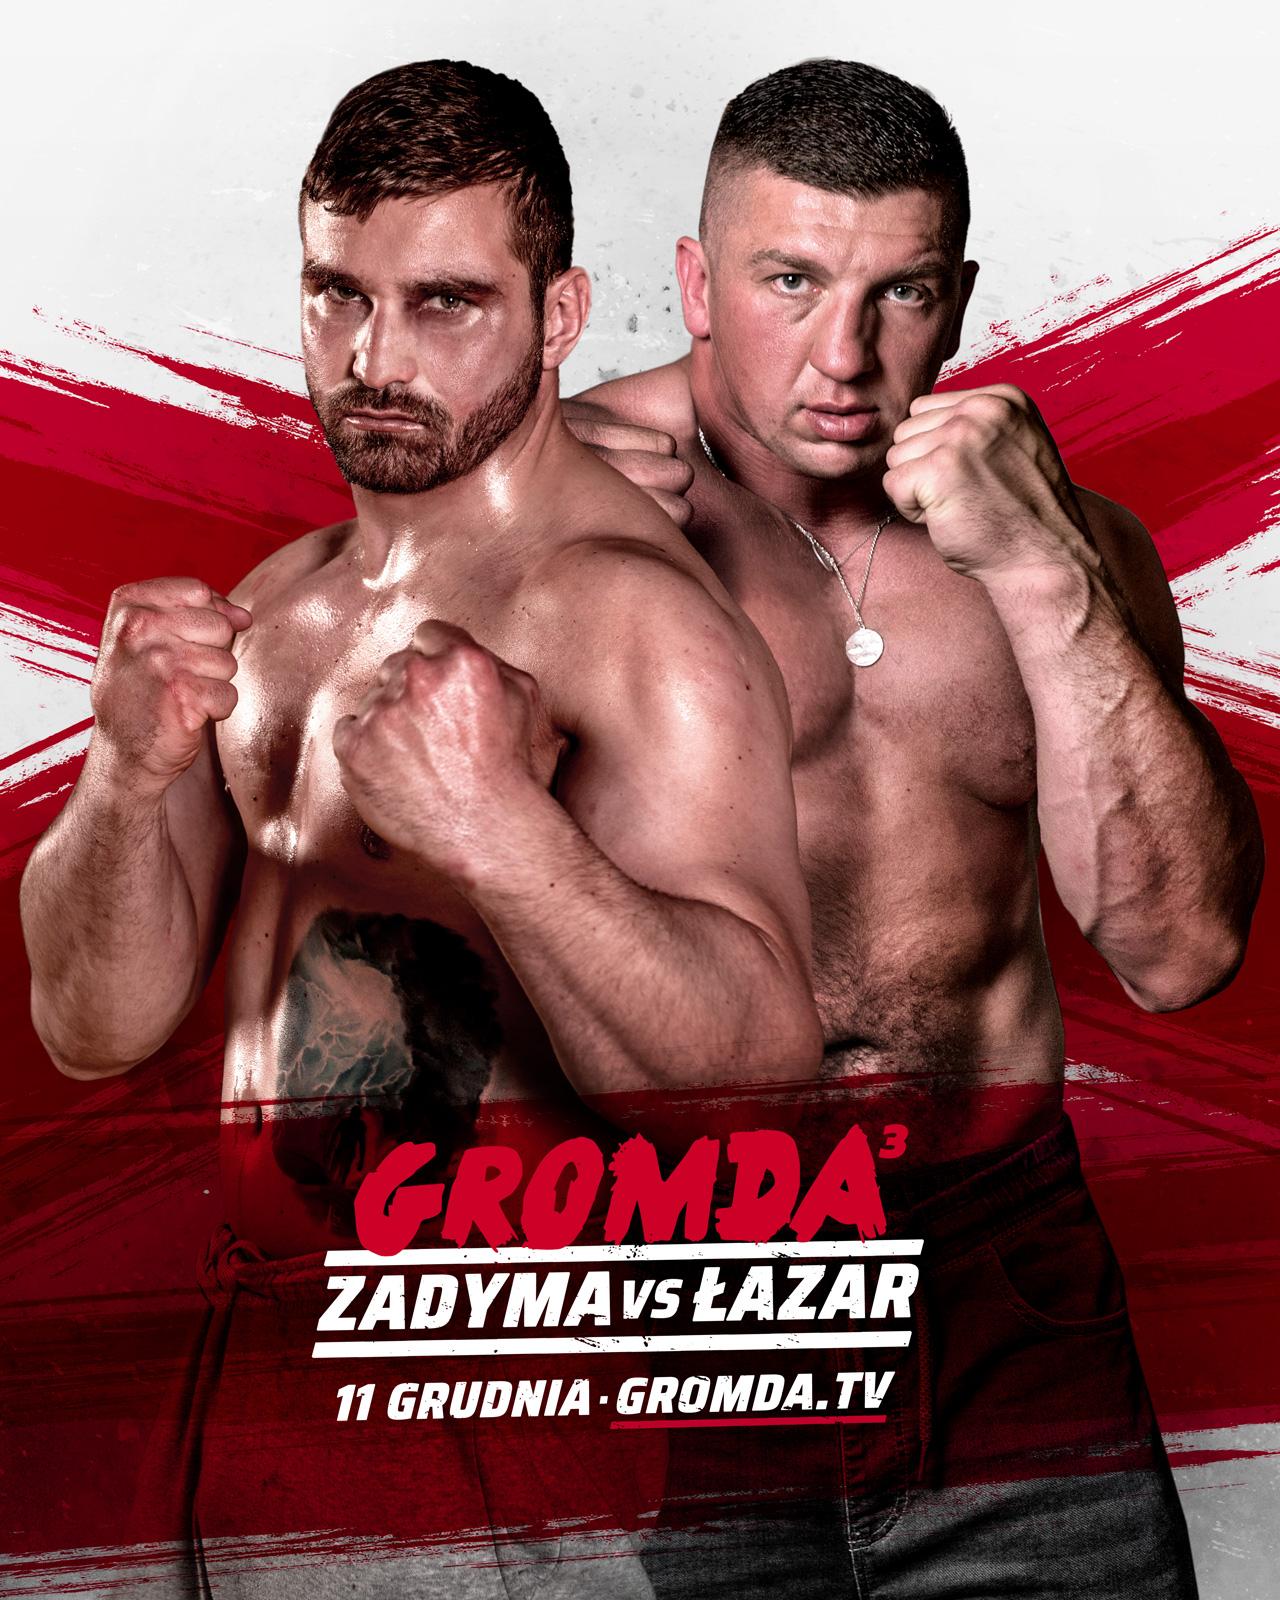 ŁAZARSKA ZADYMA na gali GROMDA 3! Najbrutalniesza i najbardziej krwawa walka na gołe pięści!